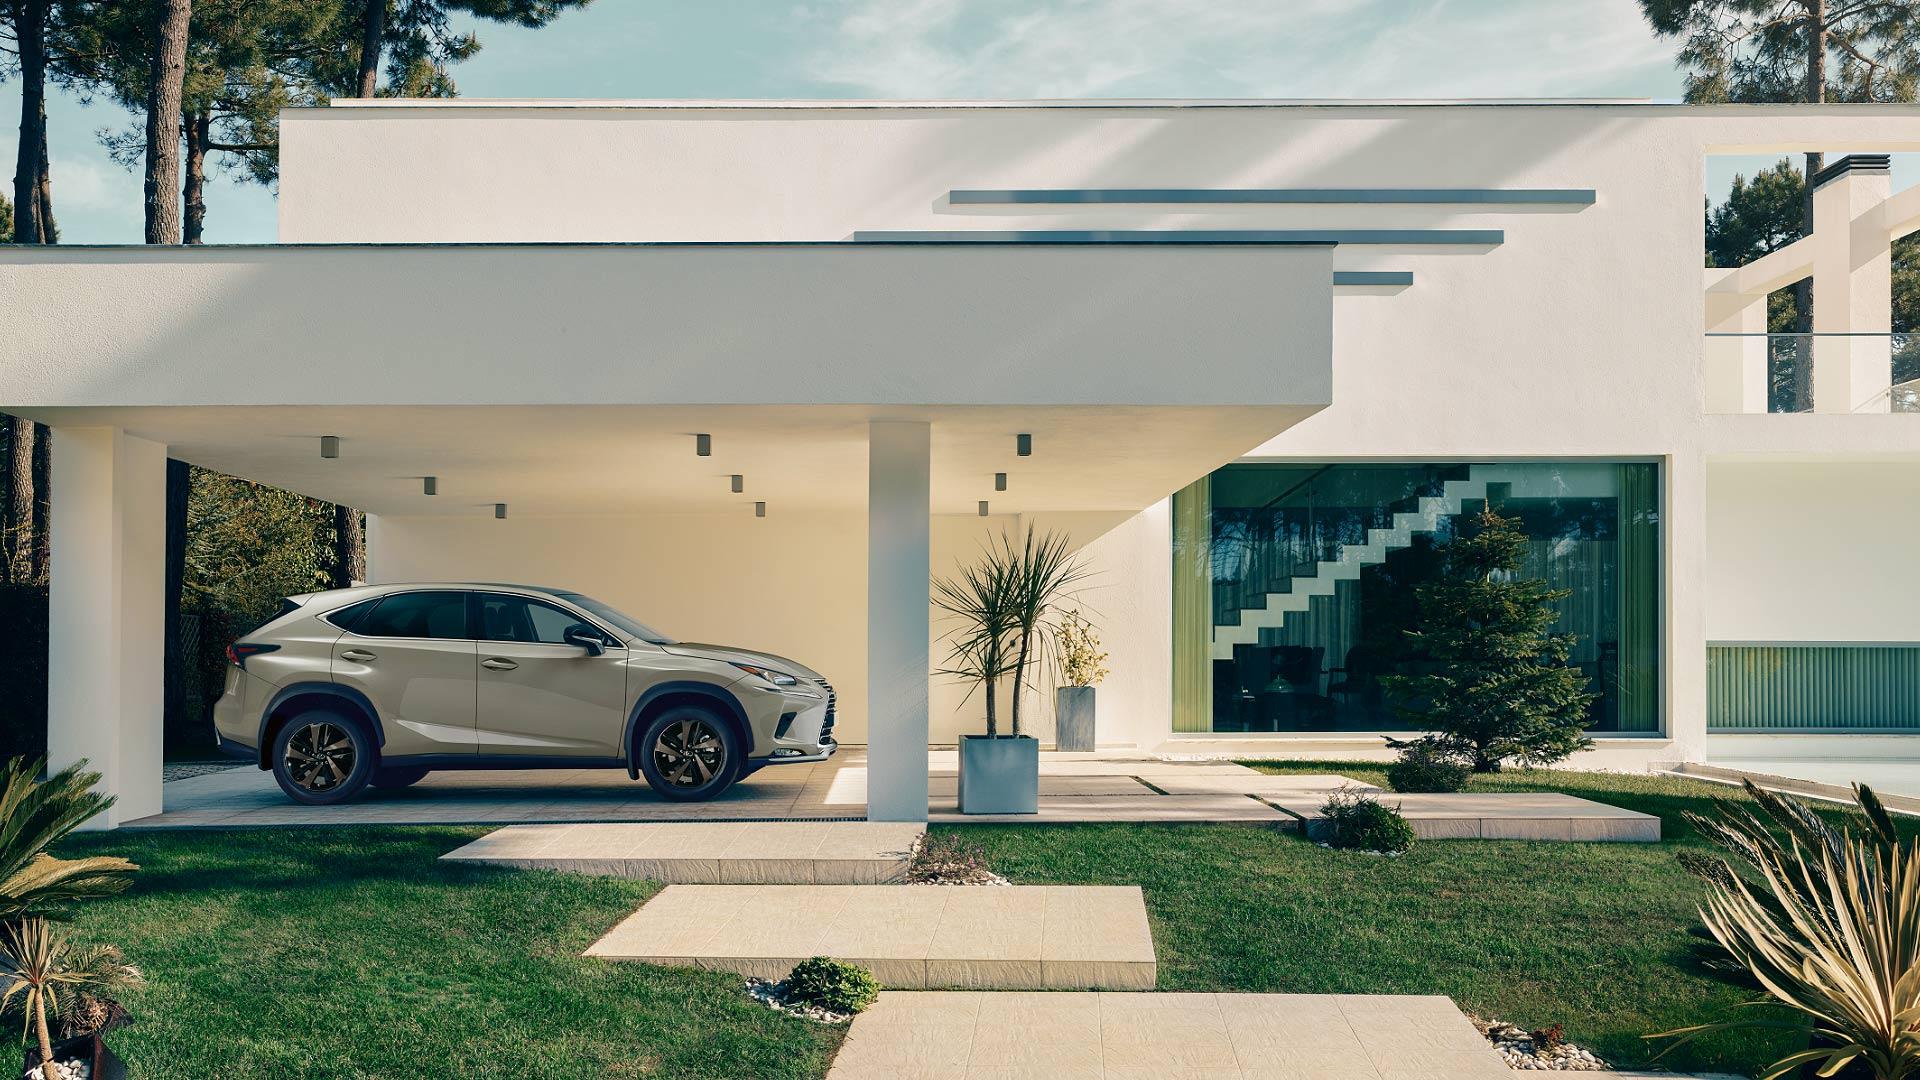 04 Lexus Garantia image